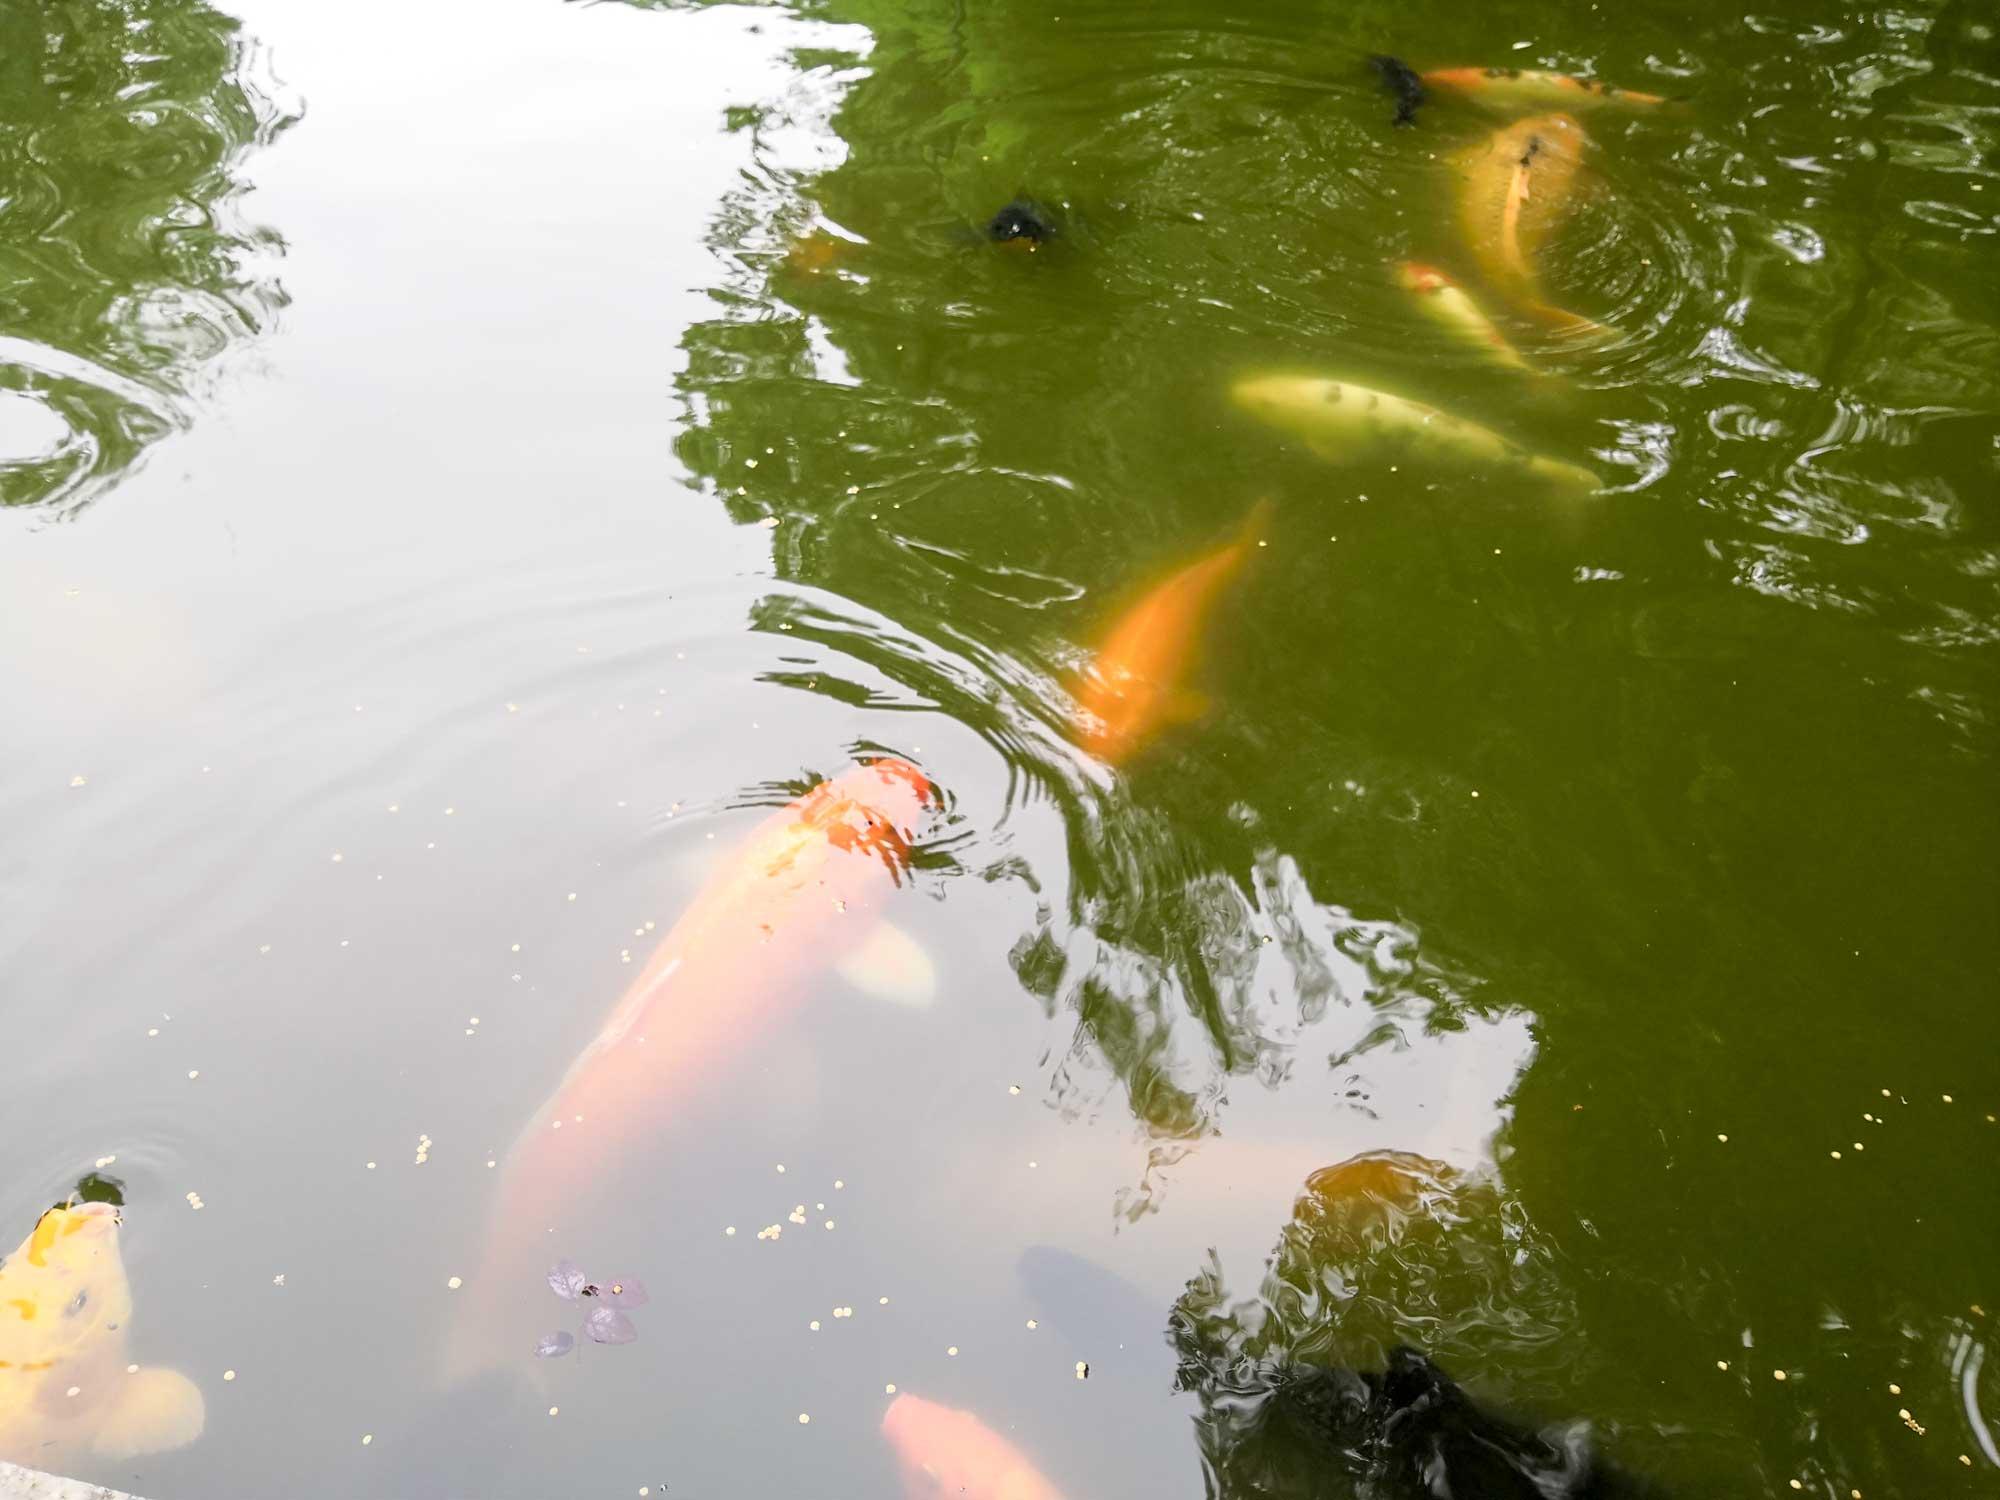 红鲤鱼与绿鲤鱼与驴